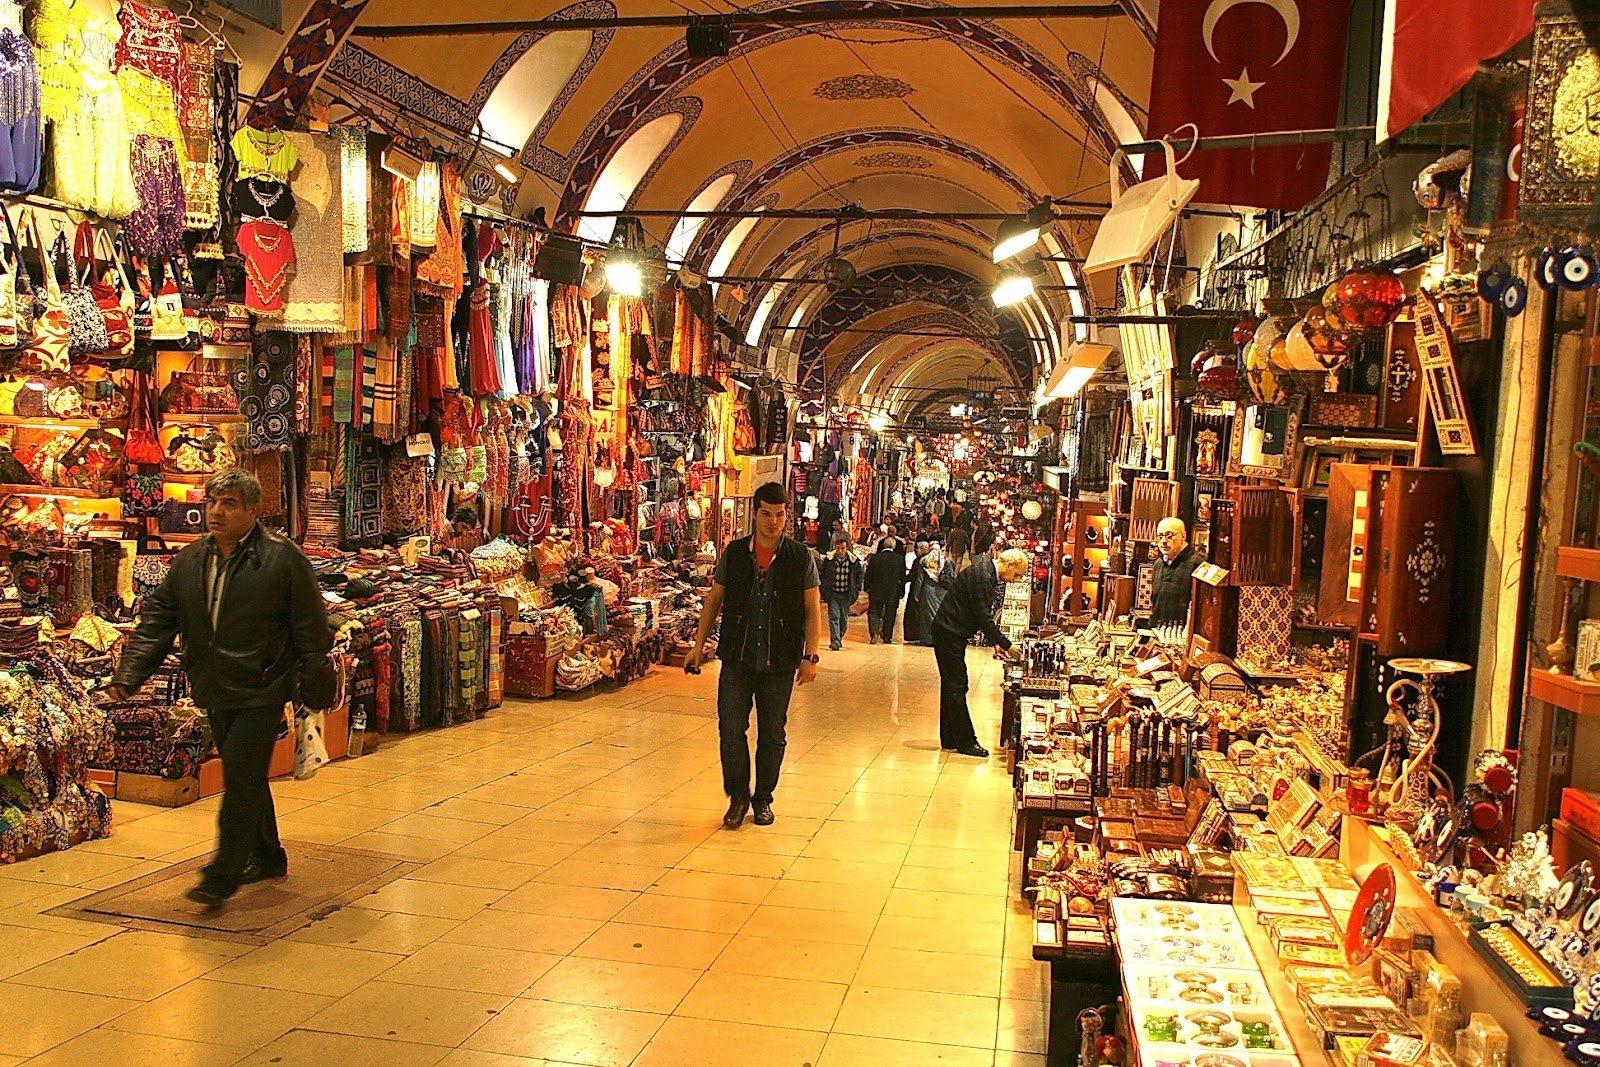 أنشطة في البازار الكبير اسطنبول تركيا